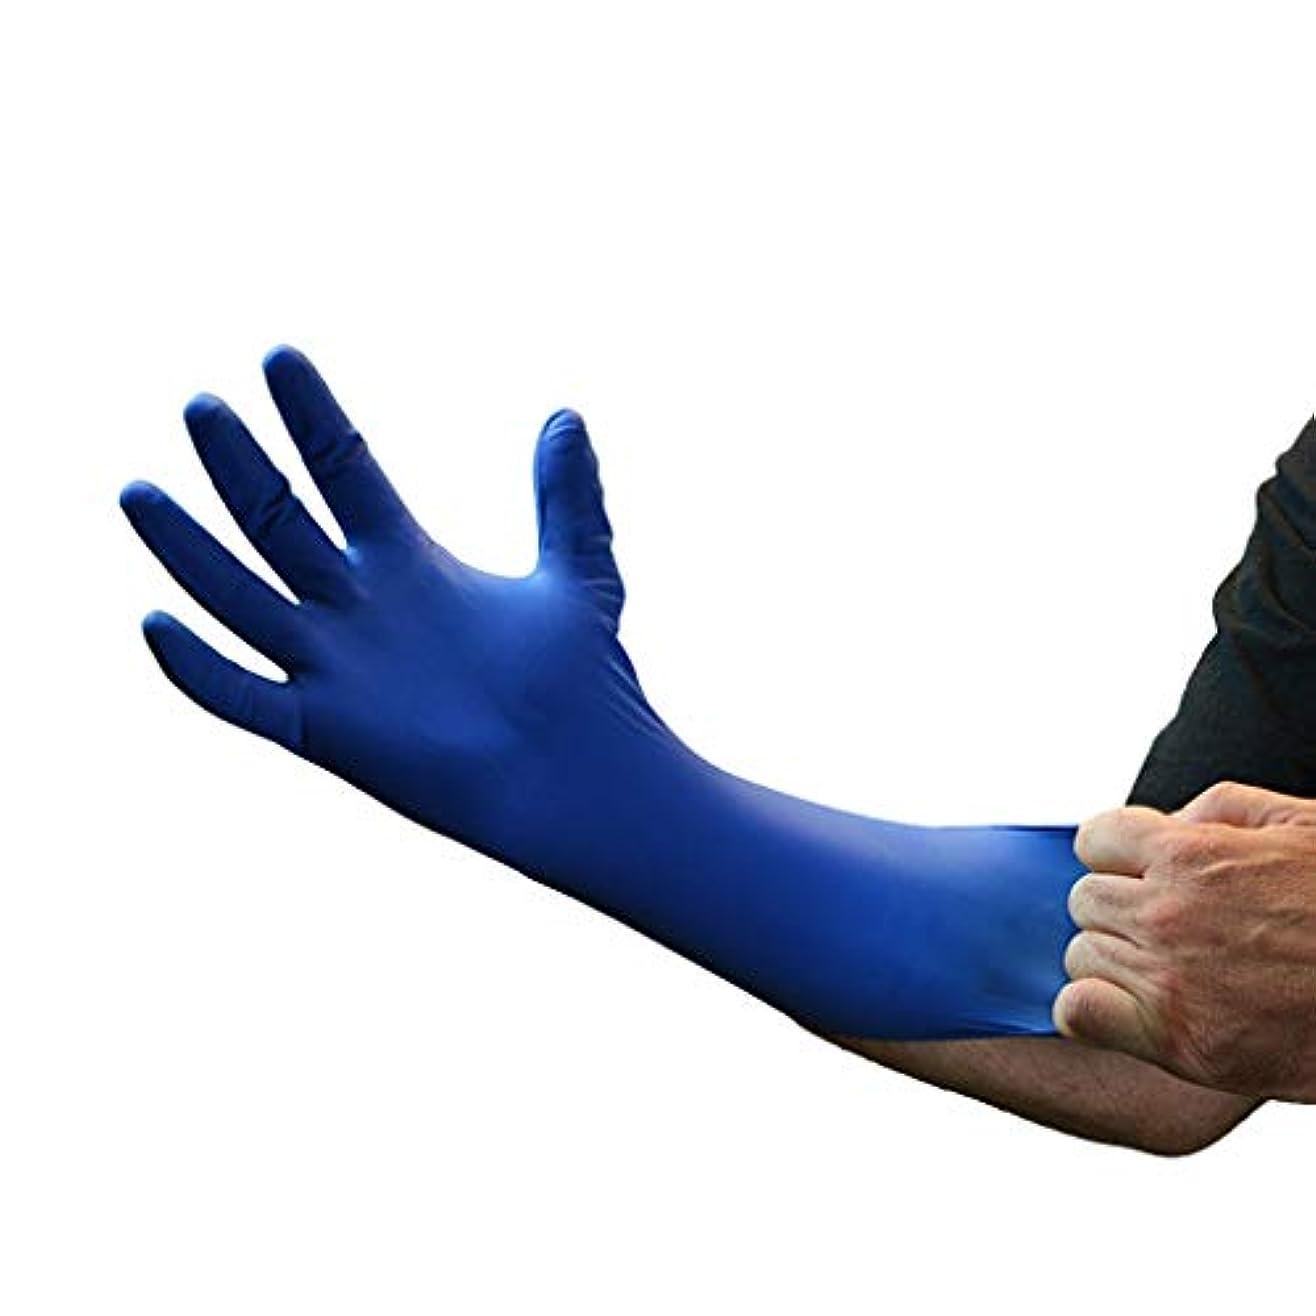 ブロッサム日契約する使い捨てニトリル手袋耐久性のあるニトリルダークブルーパウダーフリー厚い実験室耐性溶剤酸とアルカリ YANW (色 : Dark blue, サイズ さいず : Xl xl)